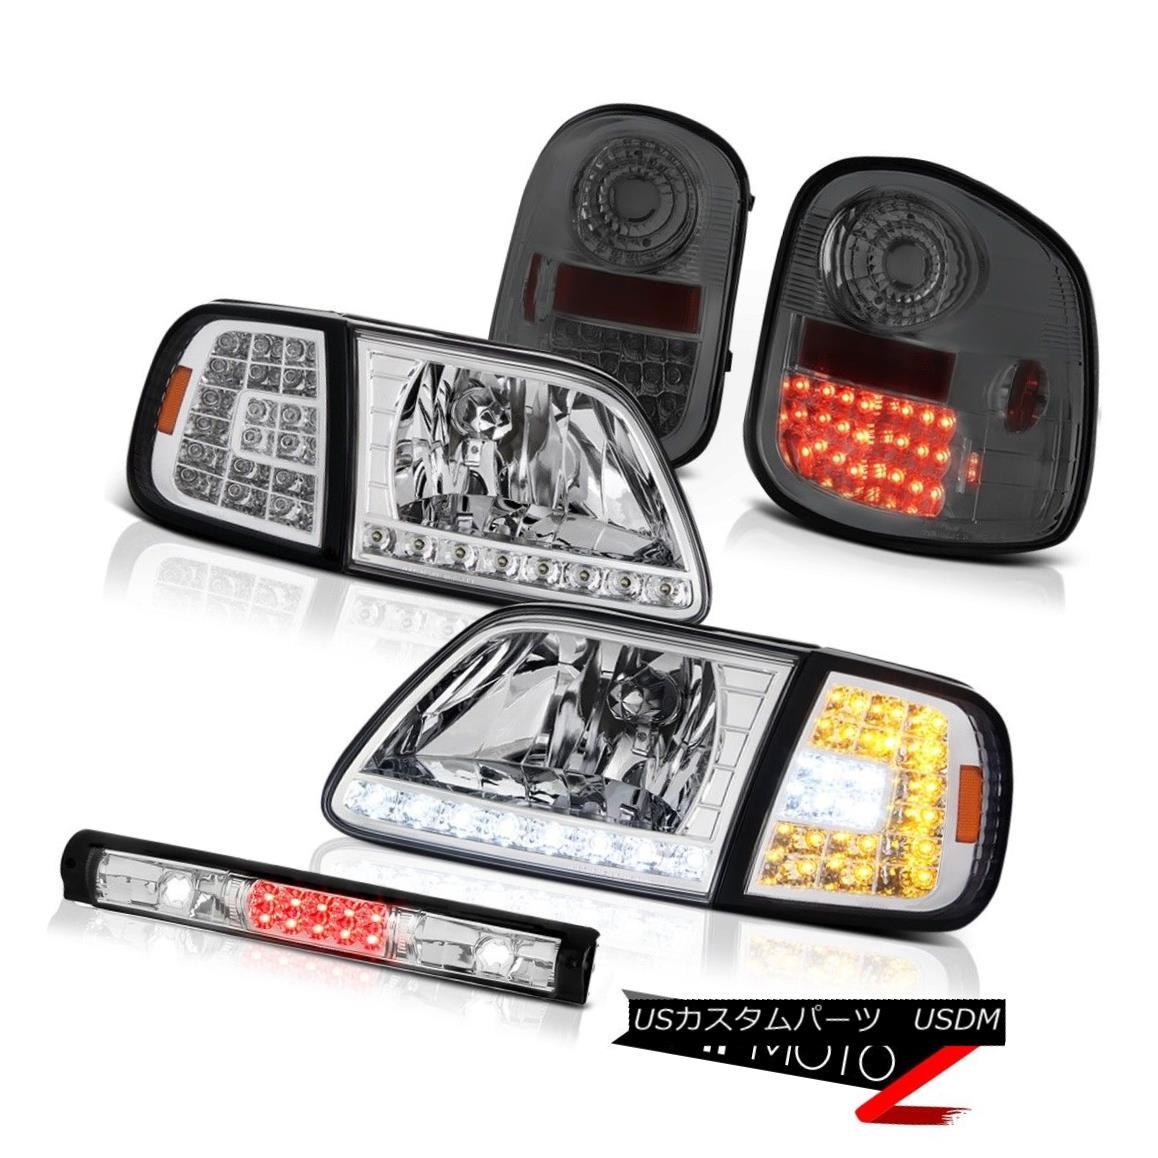 テールライト LED Headlights Smoked Taillamps Roof Brake Cargo 97-03 F150 Flareside Hertiage LEDヘッドライトスモークテールランプ屋根ブレーキカーゴ97-03 F150 Flareside Heritage